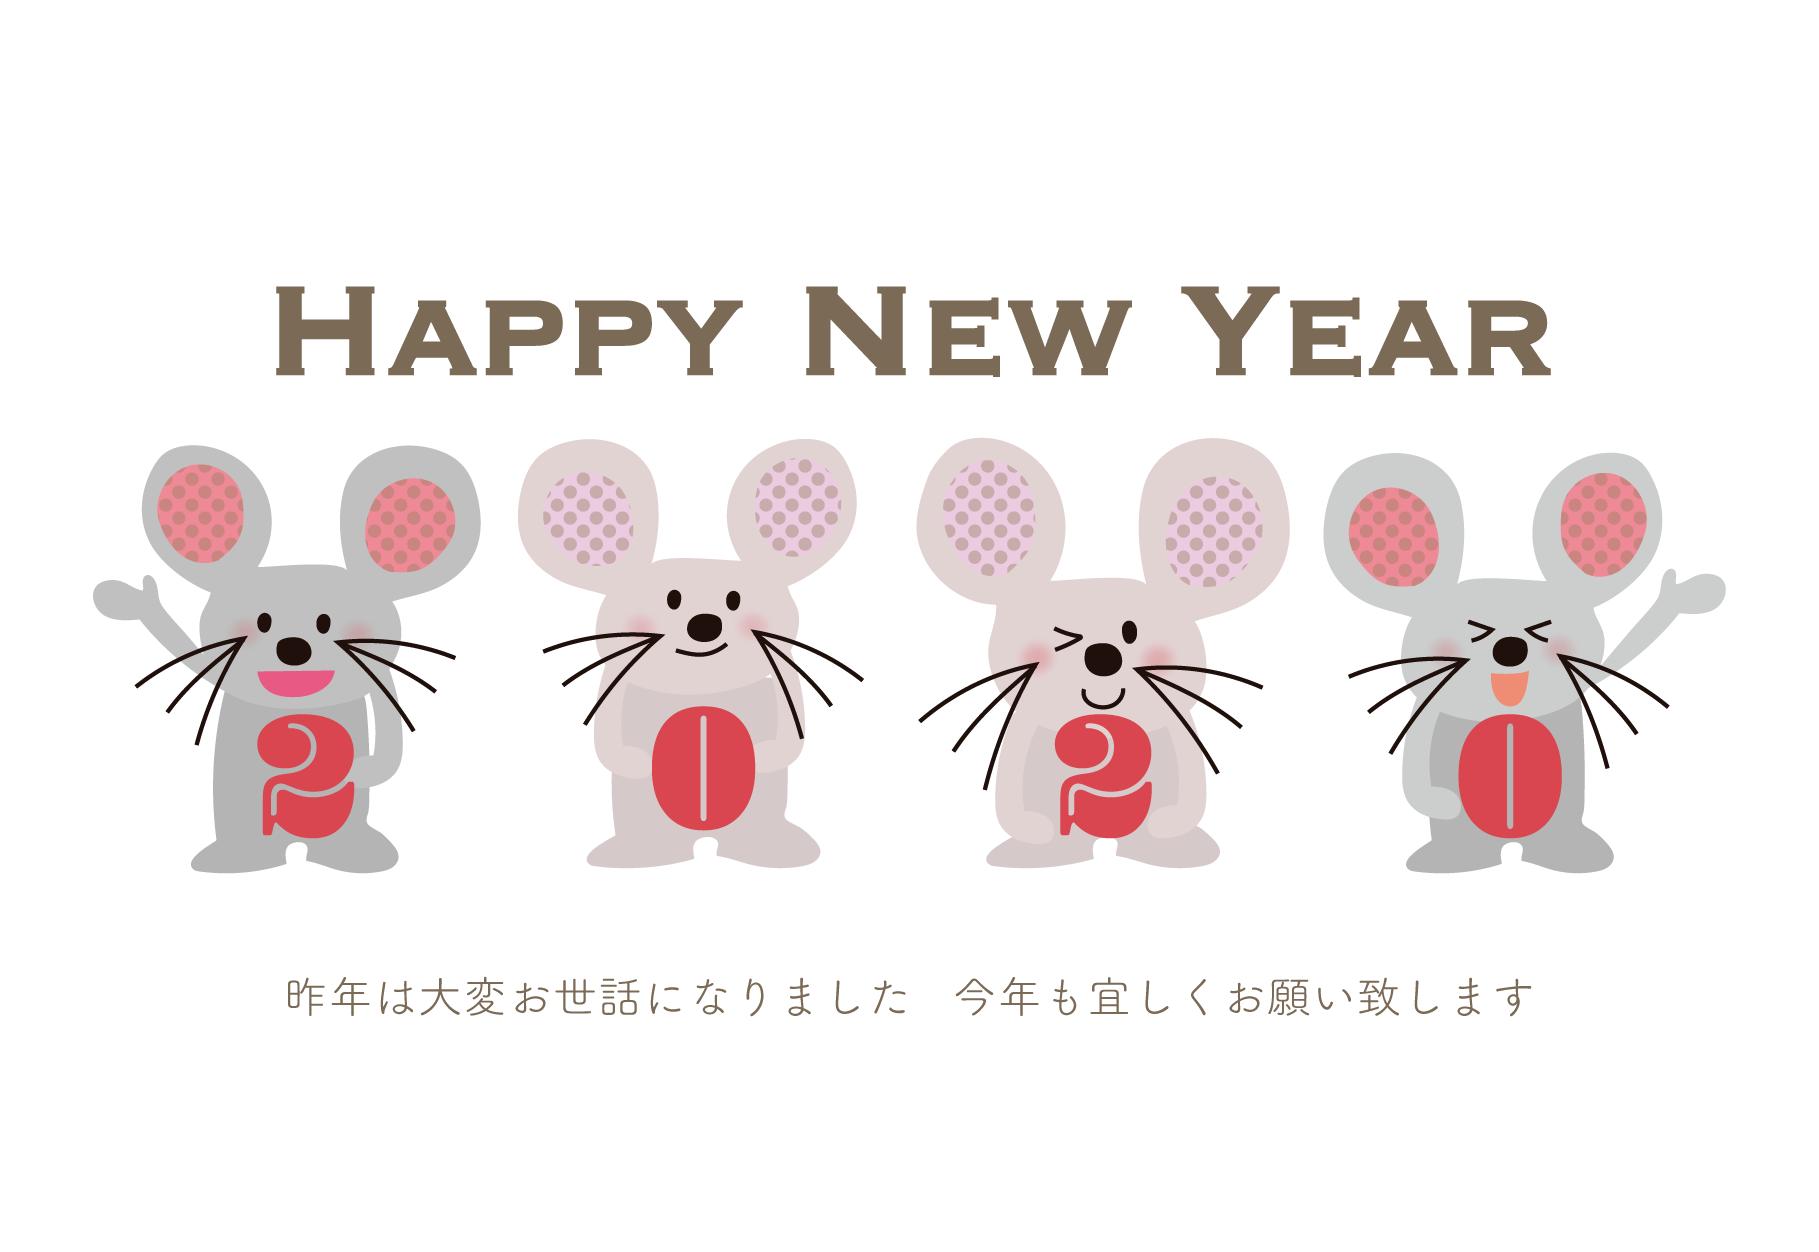 年賀状 2020 HAPPY NEW YEAR テンプレートイラスト!無料素材 ねずみ